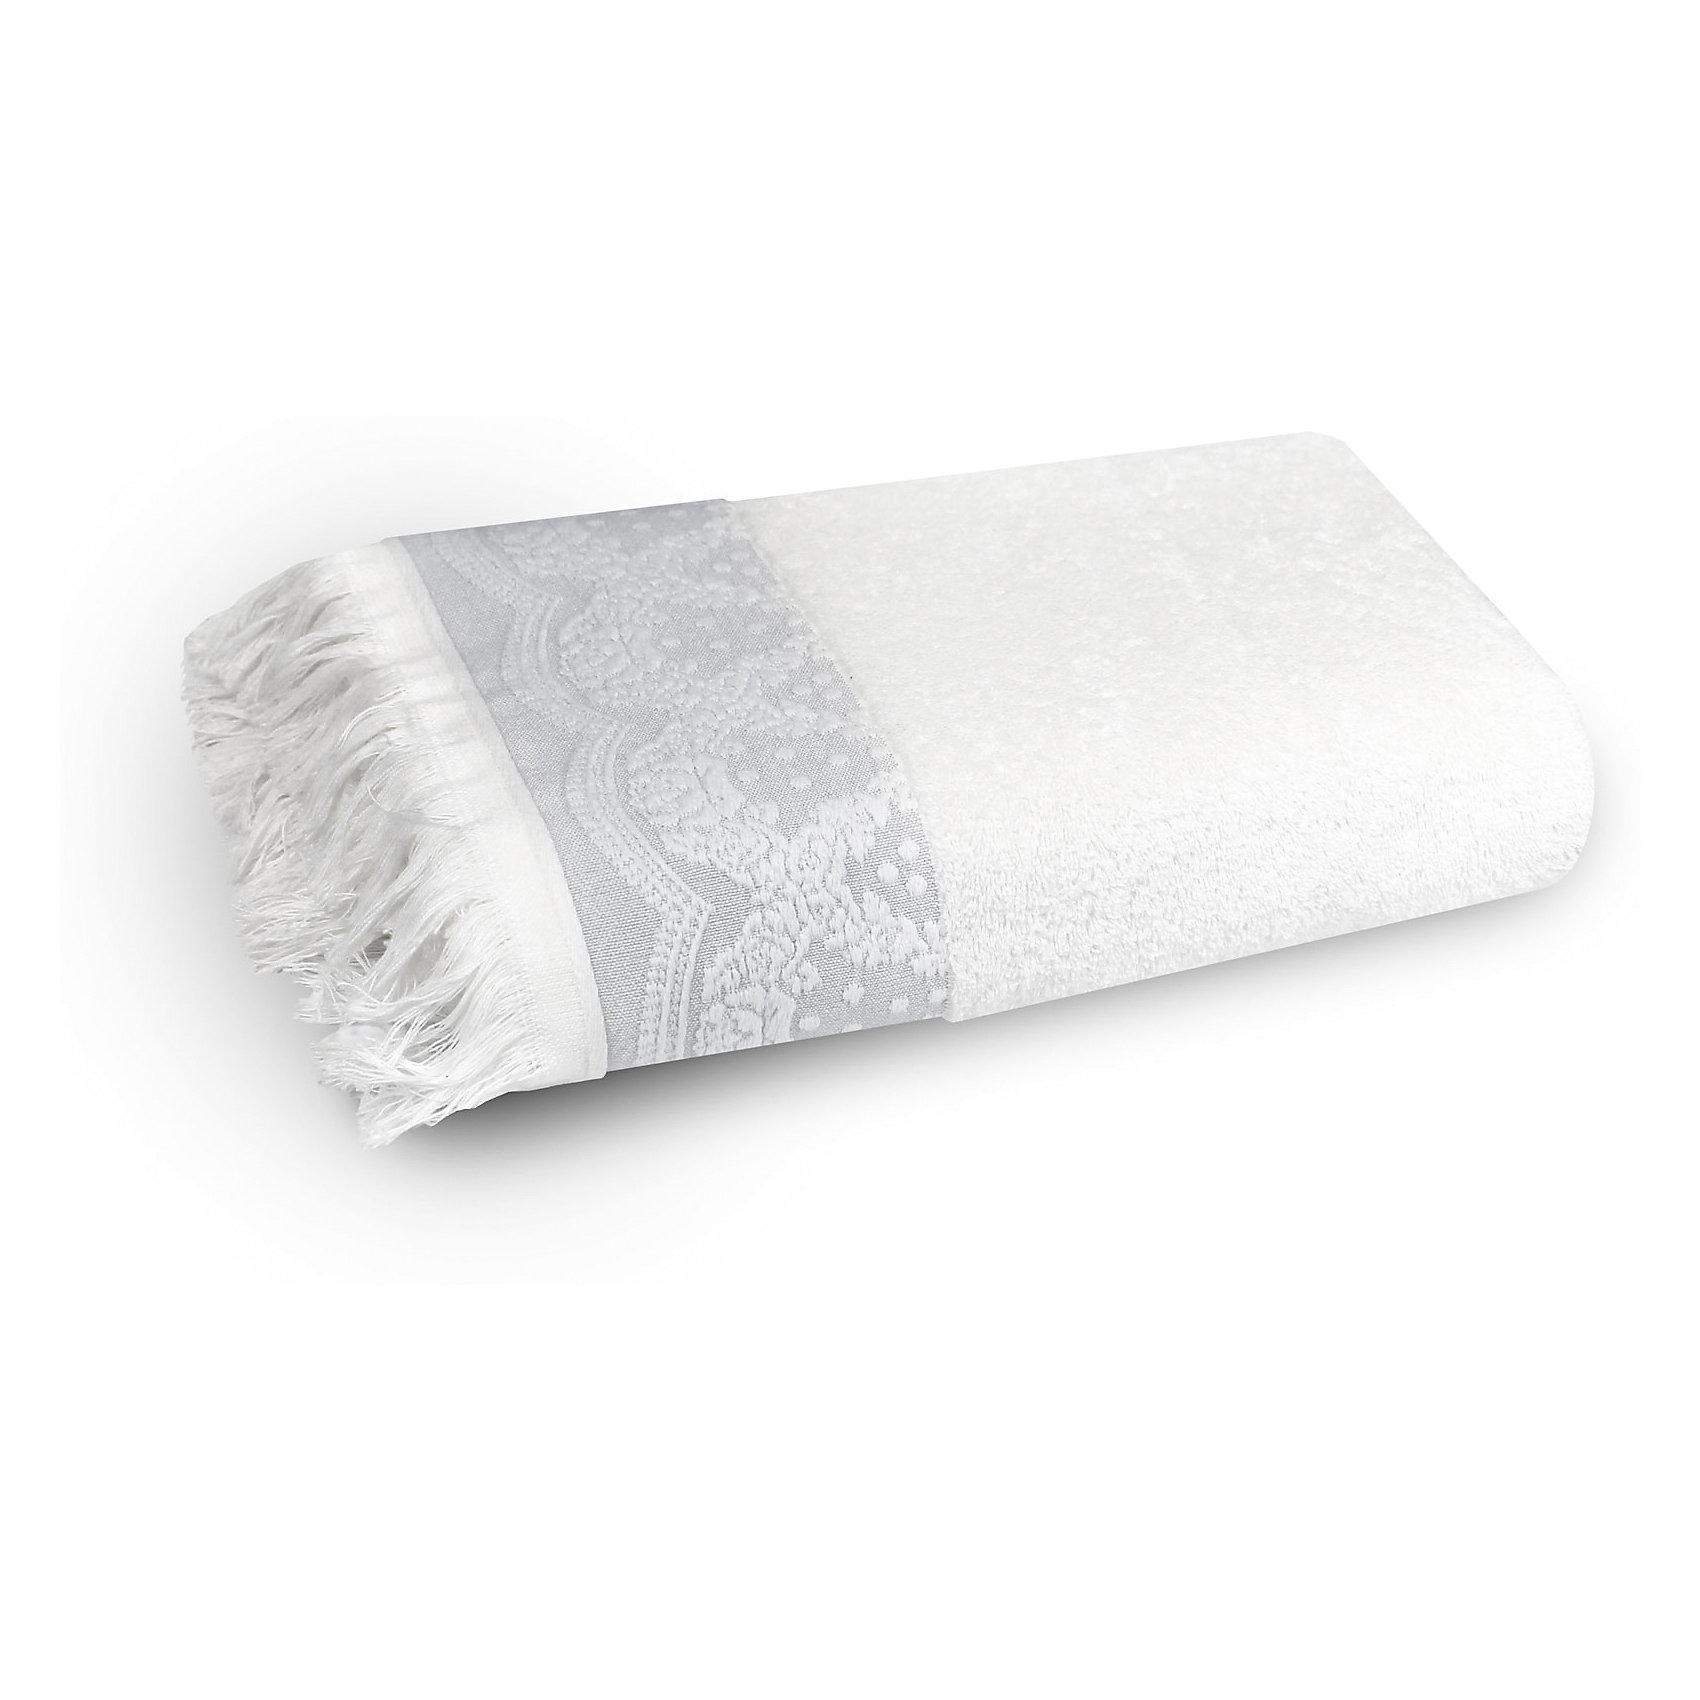 Полотенце махровое 50*90 Белладжио, Cozy Home, белыйВанная комната<br>Полотенце махровое 50*90 Белладжио, Cozy Home (Кози Хоум), белый<br><br>Характеристики:<br><br>• декорировано бахромой и вышивкой<br>• хорошо впитывает влагу<br>• изысканный дизайн<br>• материал: хлопок<br>• размер: 50х90 см<br>• цвет: белый<br><br>Махровое полотенце Белладжио имеет изысканный дизайн с приятными элементами декора. Полотенце дополнено красивым узором в итальянском стиле и бахромой по краю. Изделие выполнено из натурального хлопка. Полотенца из хлопка хорошо впитывают влагу, обладают антибактериальными свойствами и не вызывают раздражения на коже. Также, вы можете быть уверены, что полотенце не изменится в размере и не потеряет свой цвет после многочисленных стирок. Приятный цвет полотенца отлично подойдет к любой ванной комнате.<br><br>Полотенце махровое 50*90 Белладжио, Cozy Home (Кози Хоум), белый вы можете купить в нашем интернет-магазине.<br><br>Ширина мм: 150<br>Глубина мм: 250<br>Высота мм: 150<br>Вес г: 250<br>Возраст от месяцев: 0<br>Возраст до месяцев: 216<br>Пол: Унисекс<br>Возраст: Детский<br>SKU: 5355280